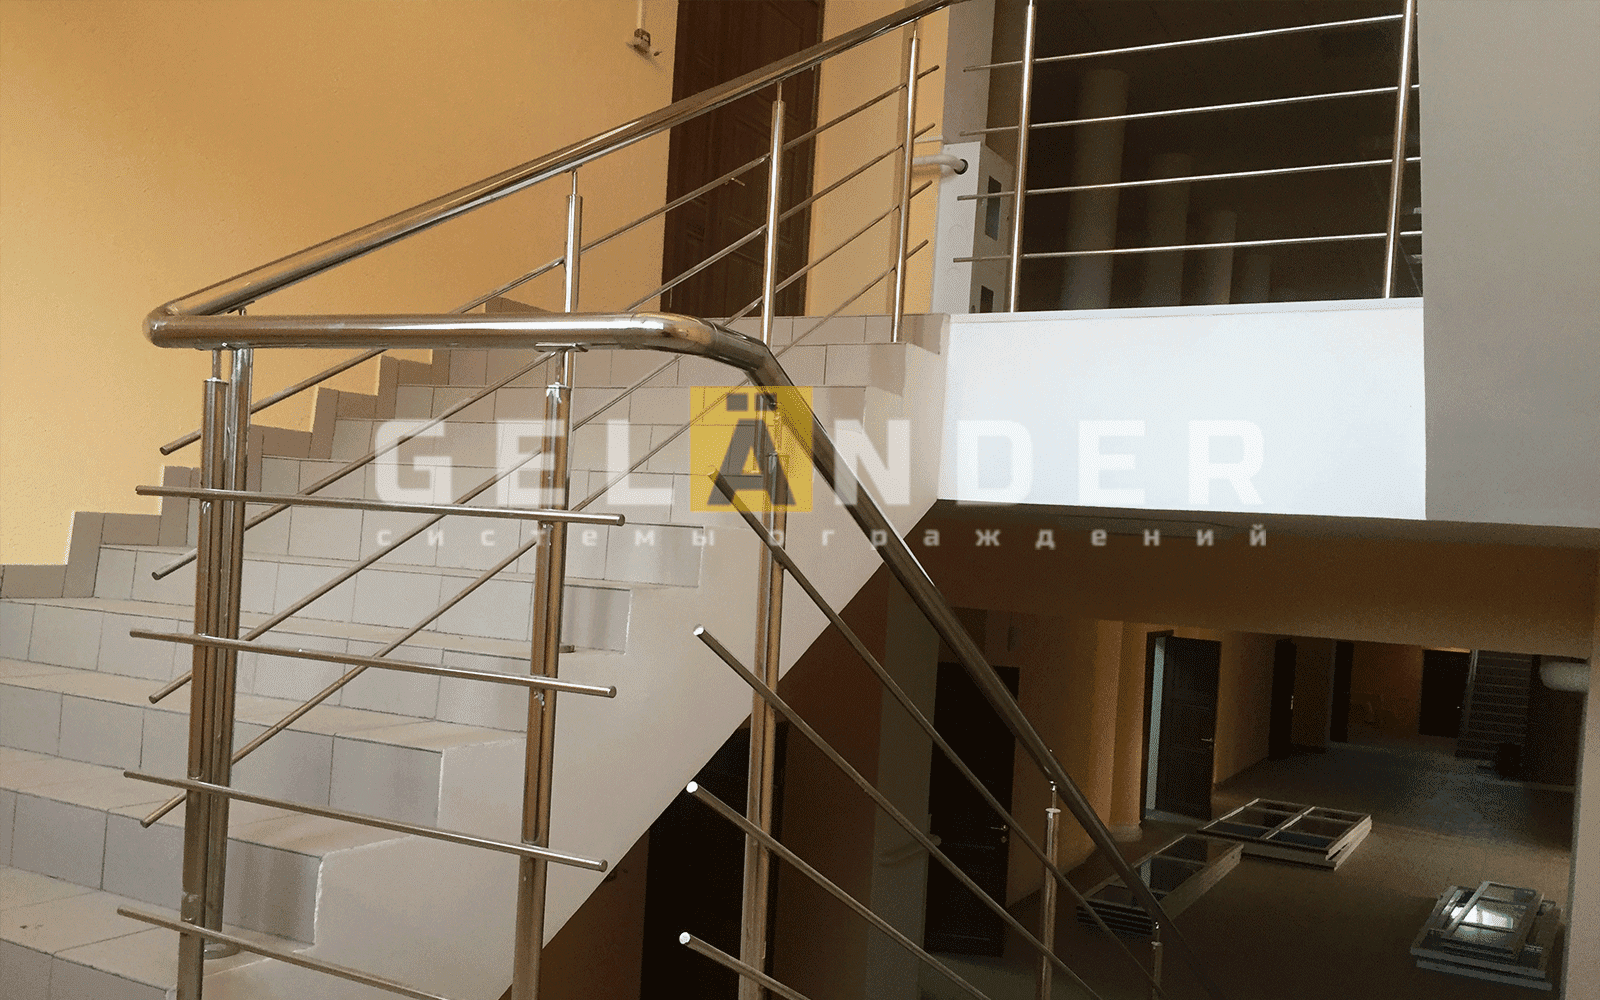 Дом Культуры, г. Данков, Липецкая Область ограждений лестниц промсервис